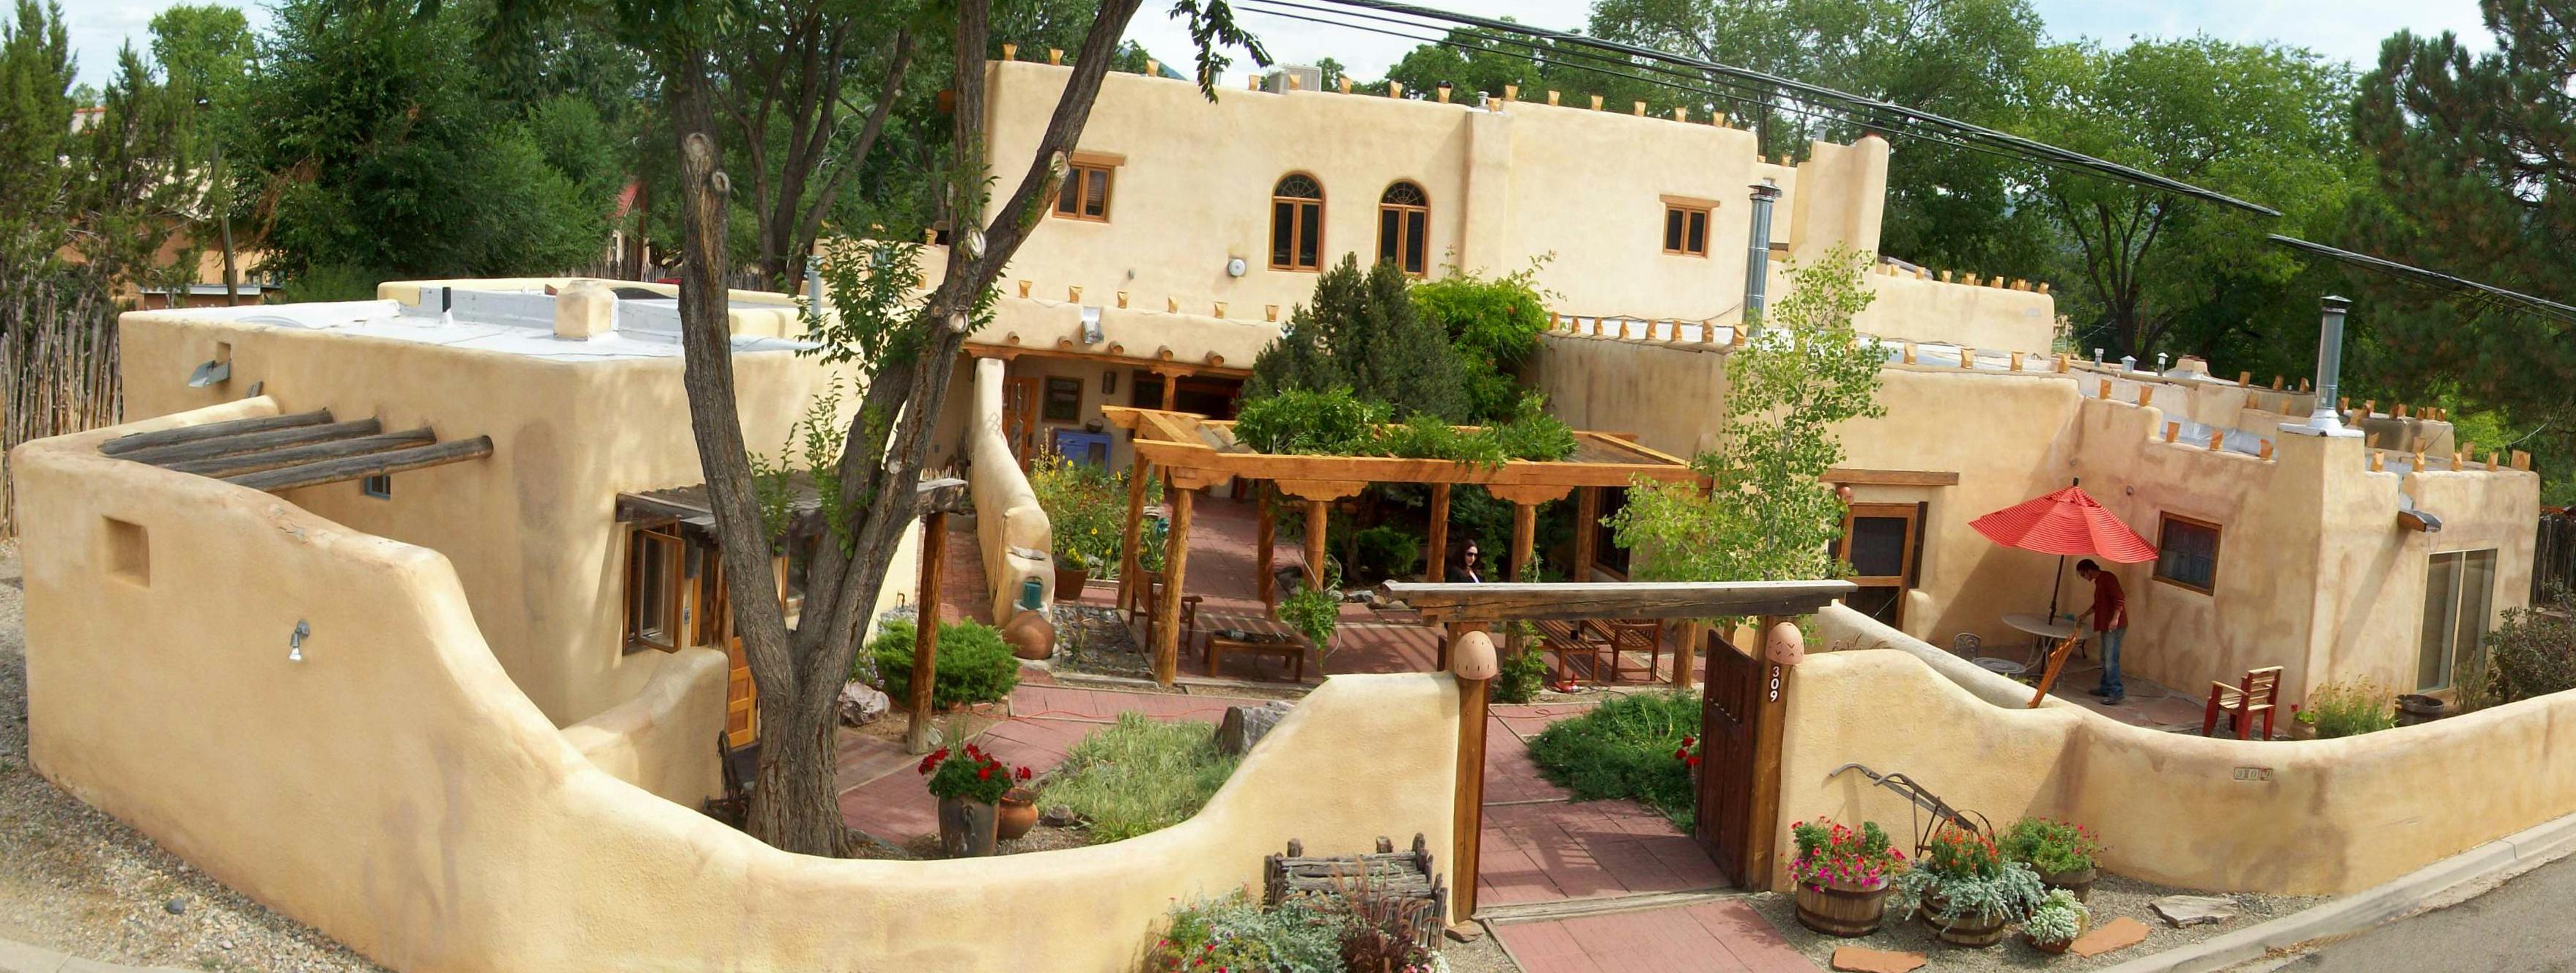 Taos Parade of Homes 2016 - Home #7 - 309 Juanita Lane - La Posada de Taos B&B